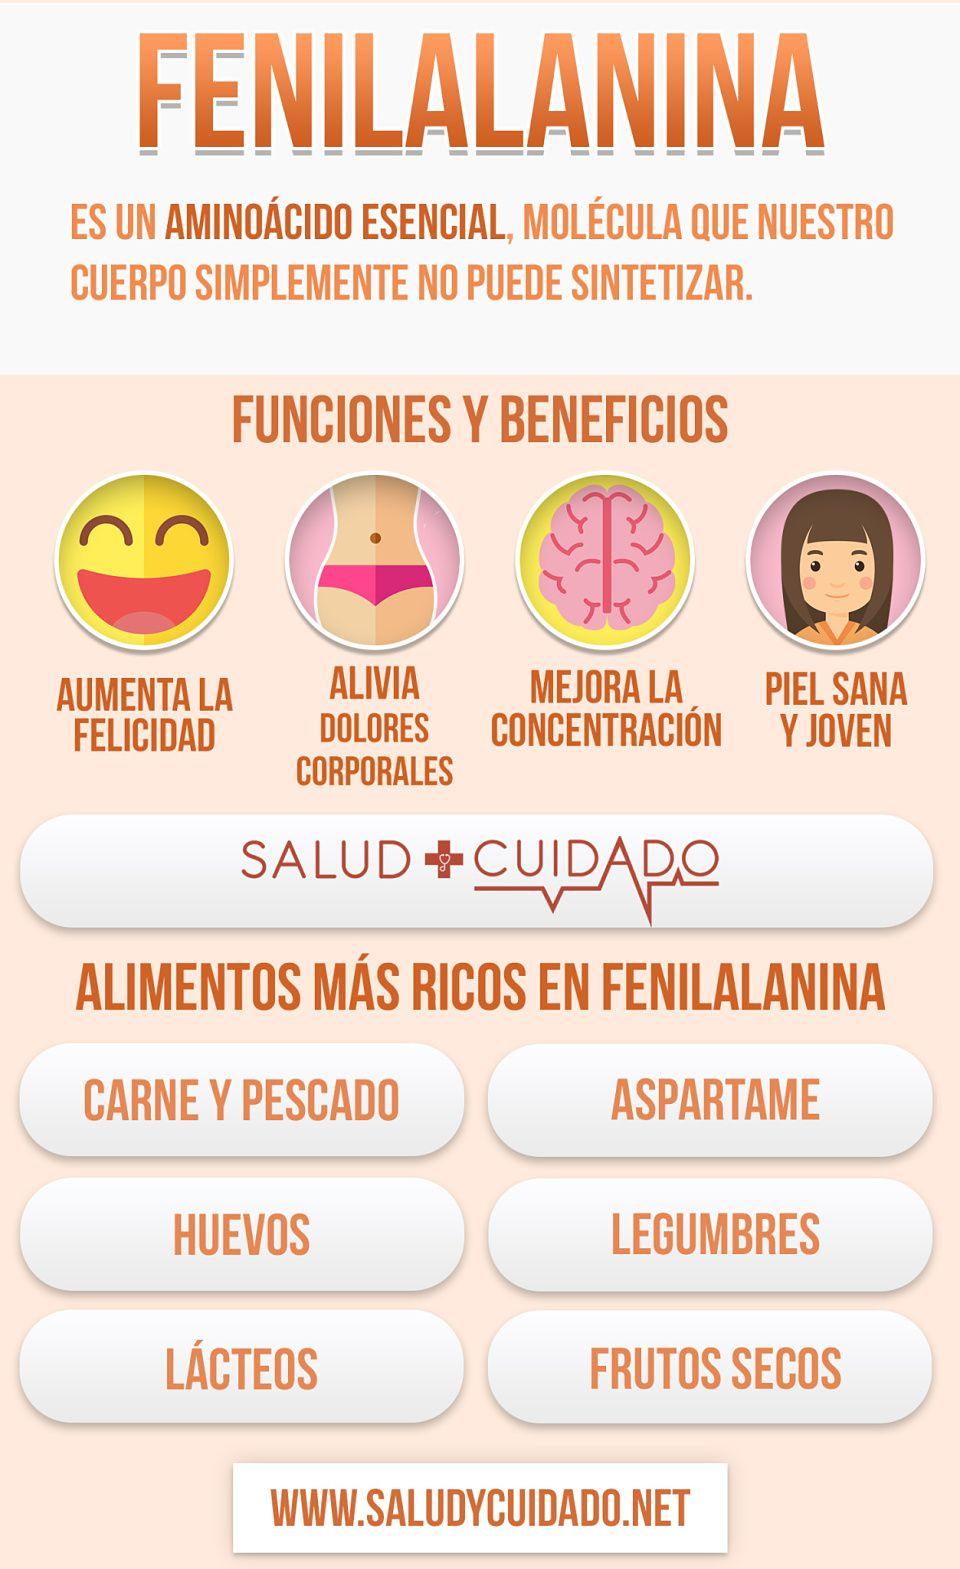 Alimentos Con Fenilalanina Funciones Y Beneficios Qué Es Y Para Qué Sirve Salud Beneficios Saludycuidado Saludable Alime Healthy Tips Health Nutrition